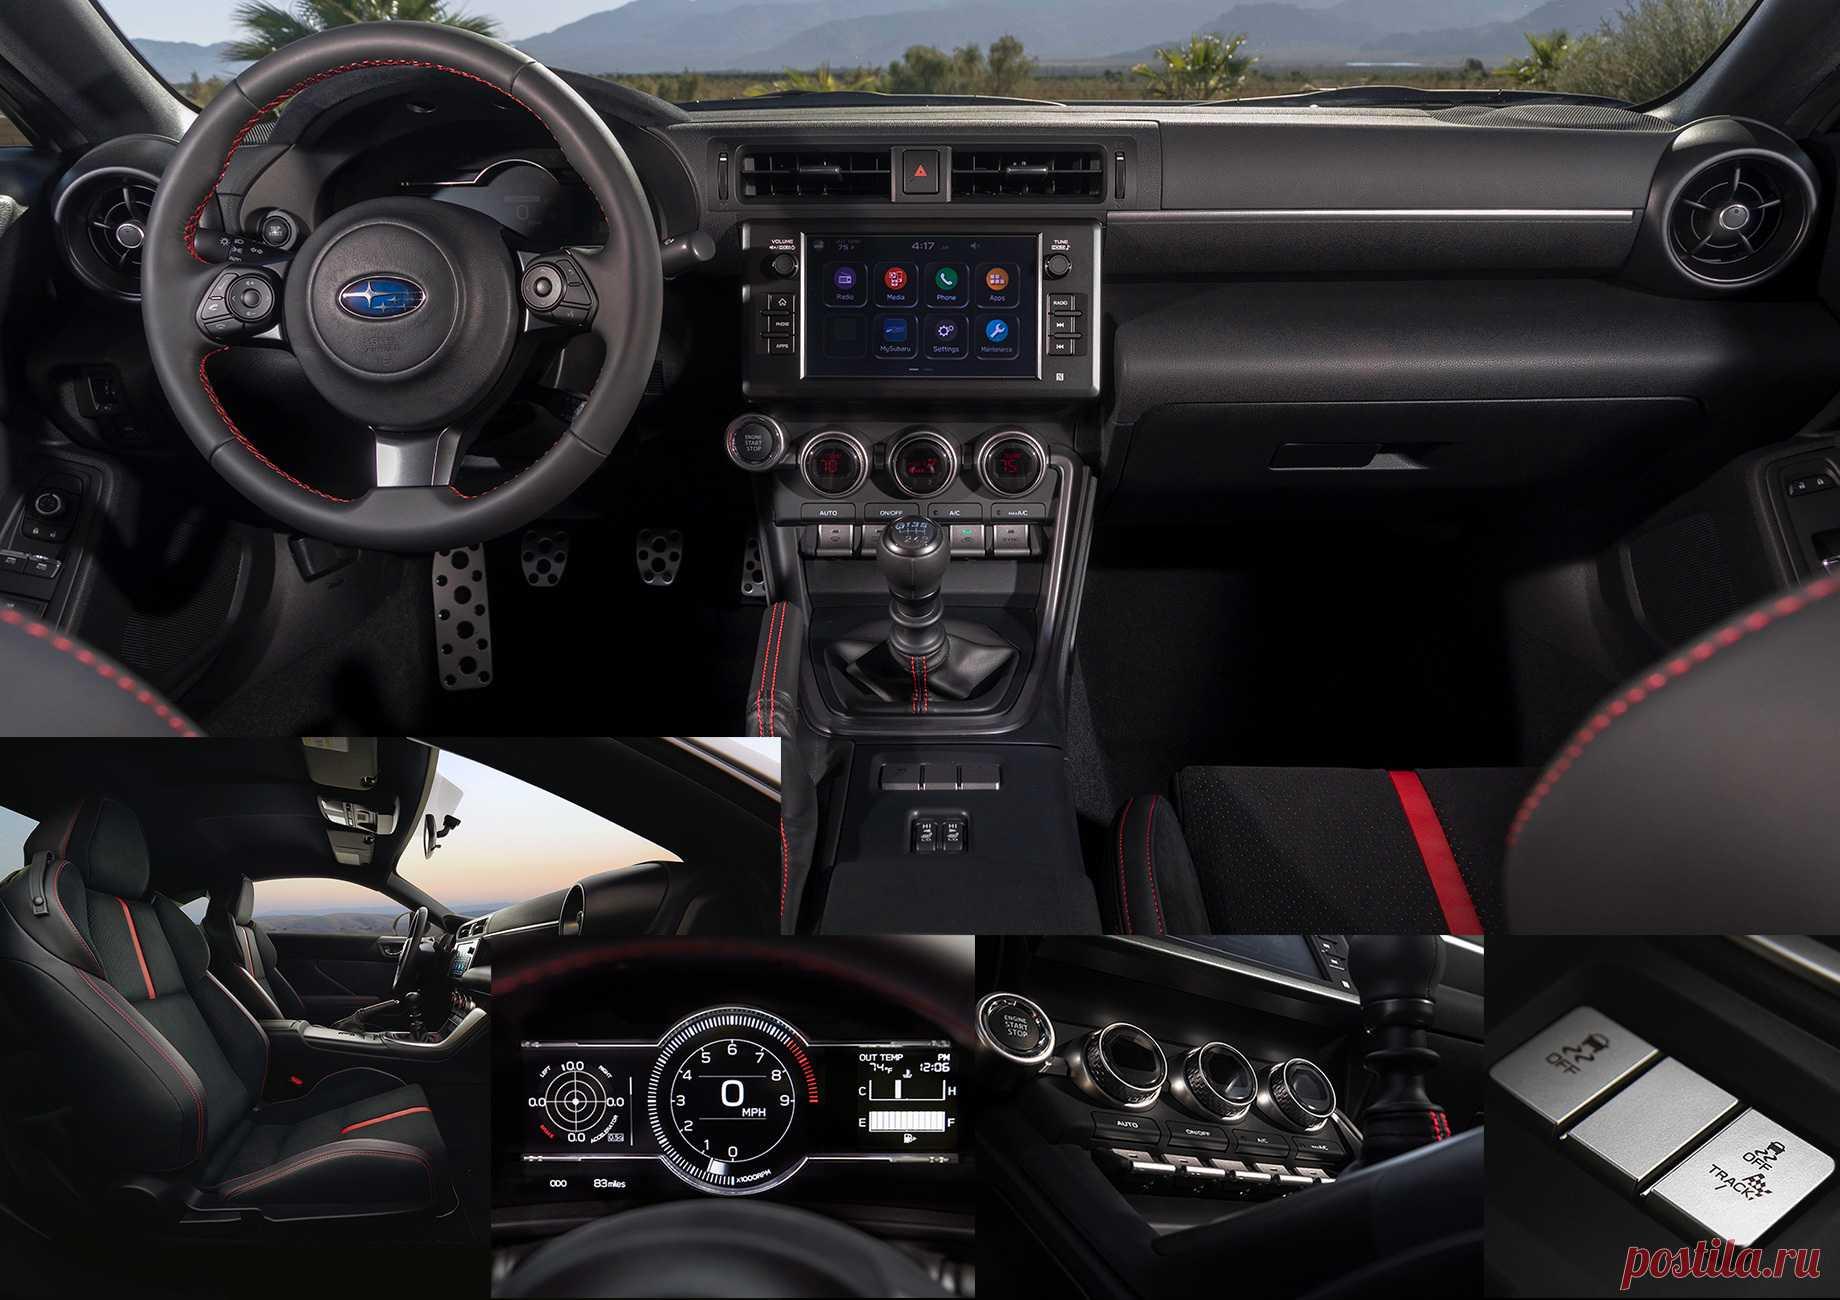 Новое купе Subaru BRZ вышло мощнее ижёстче прежнего — DRIVE2